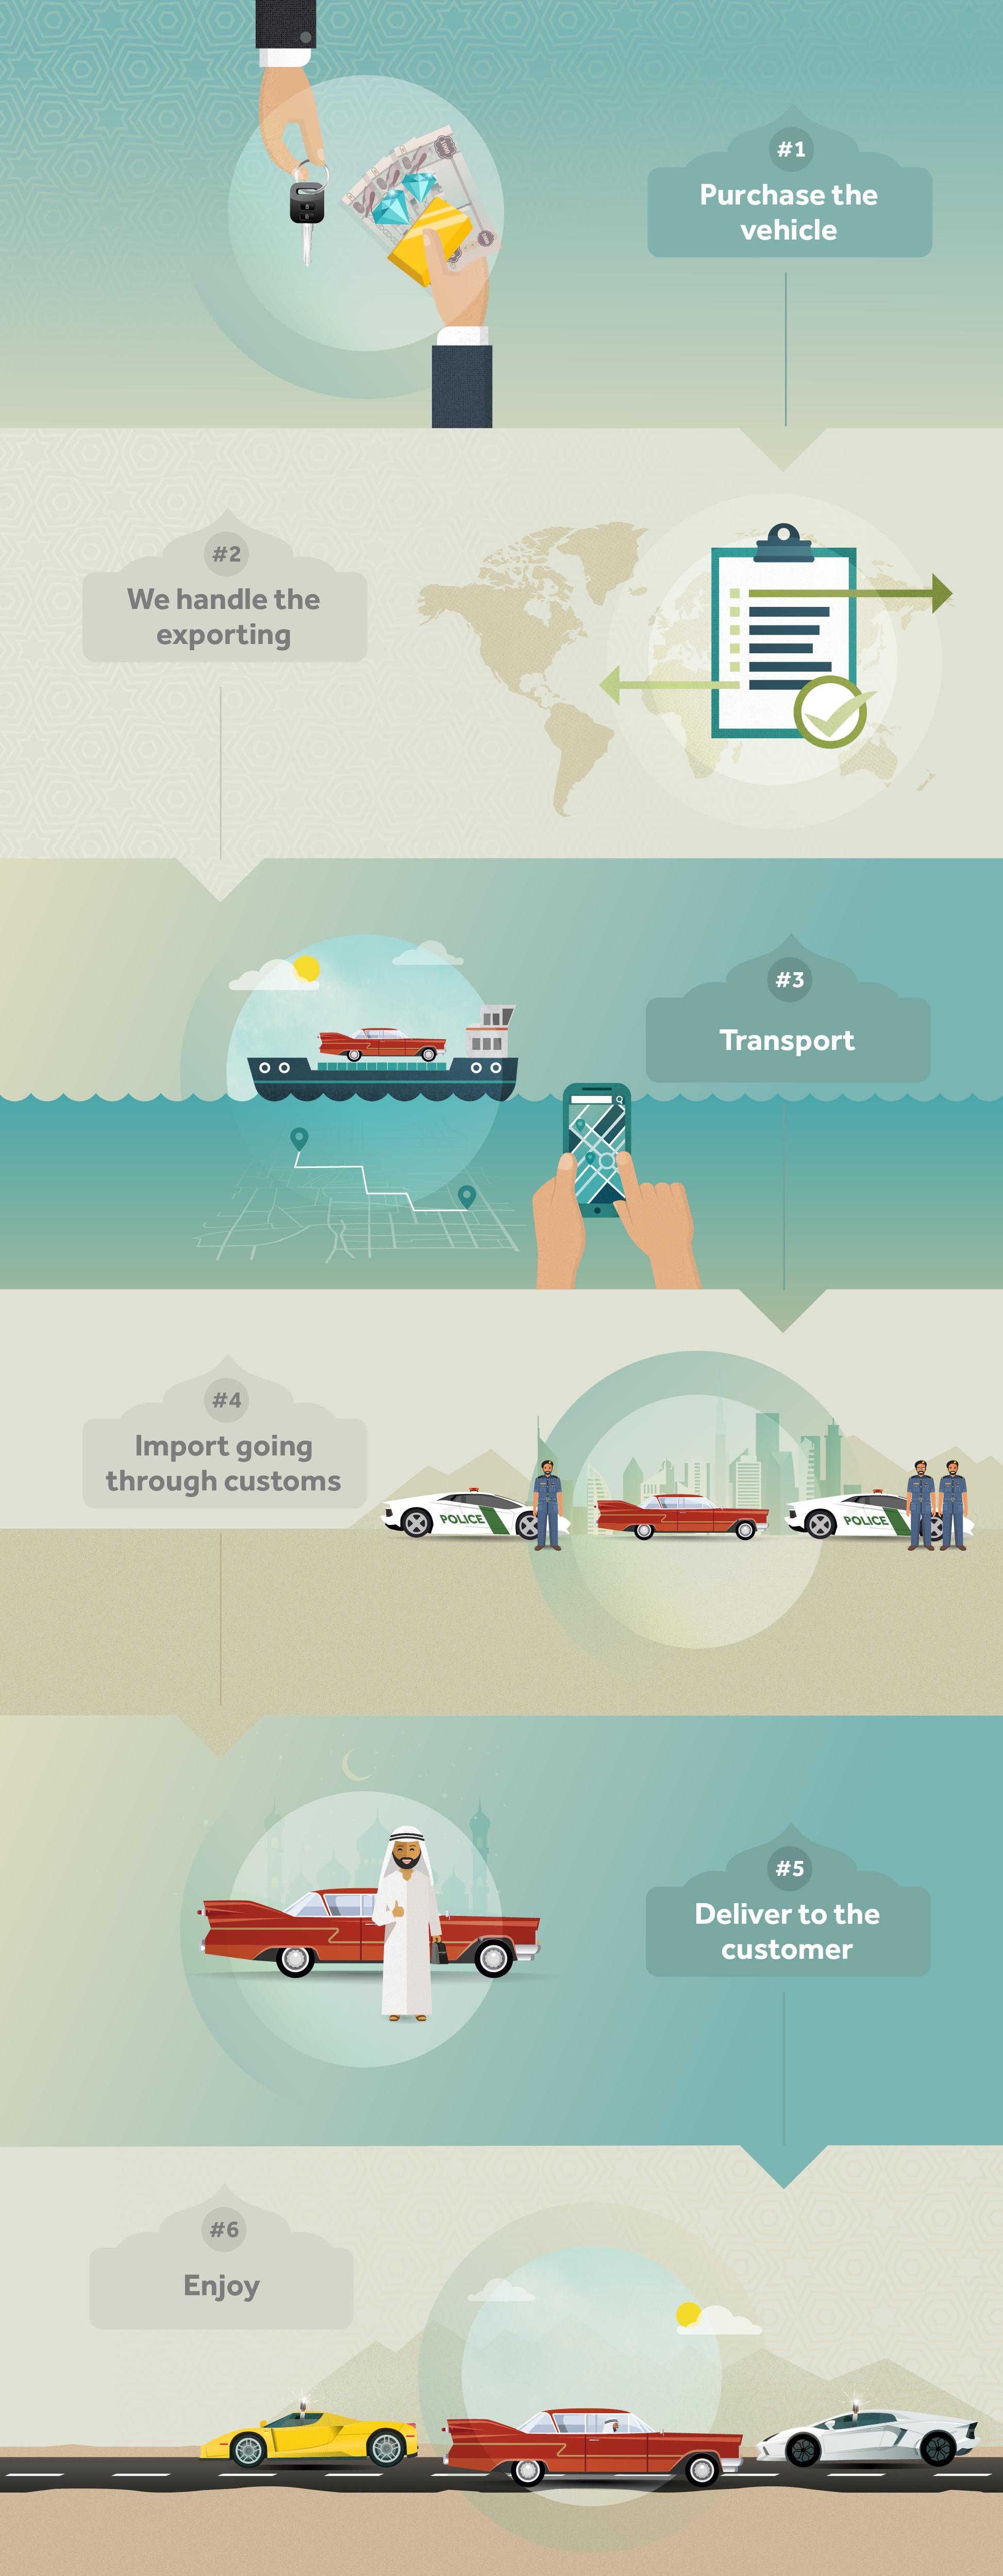 Uae infographic v2